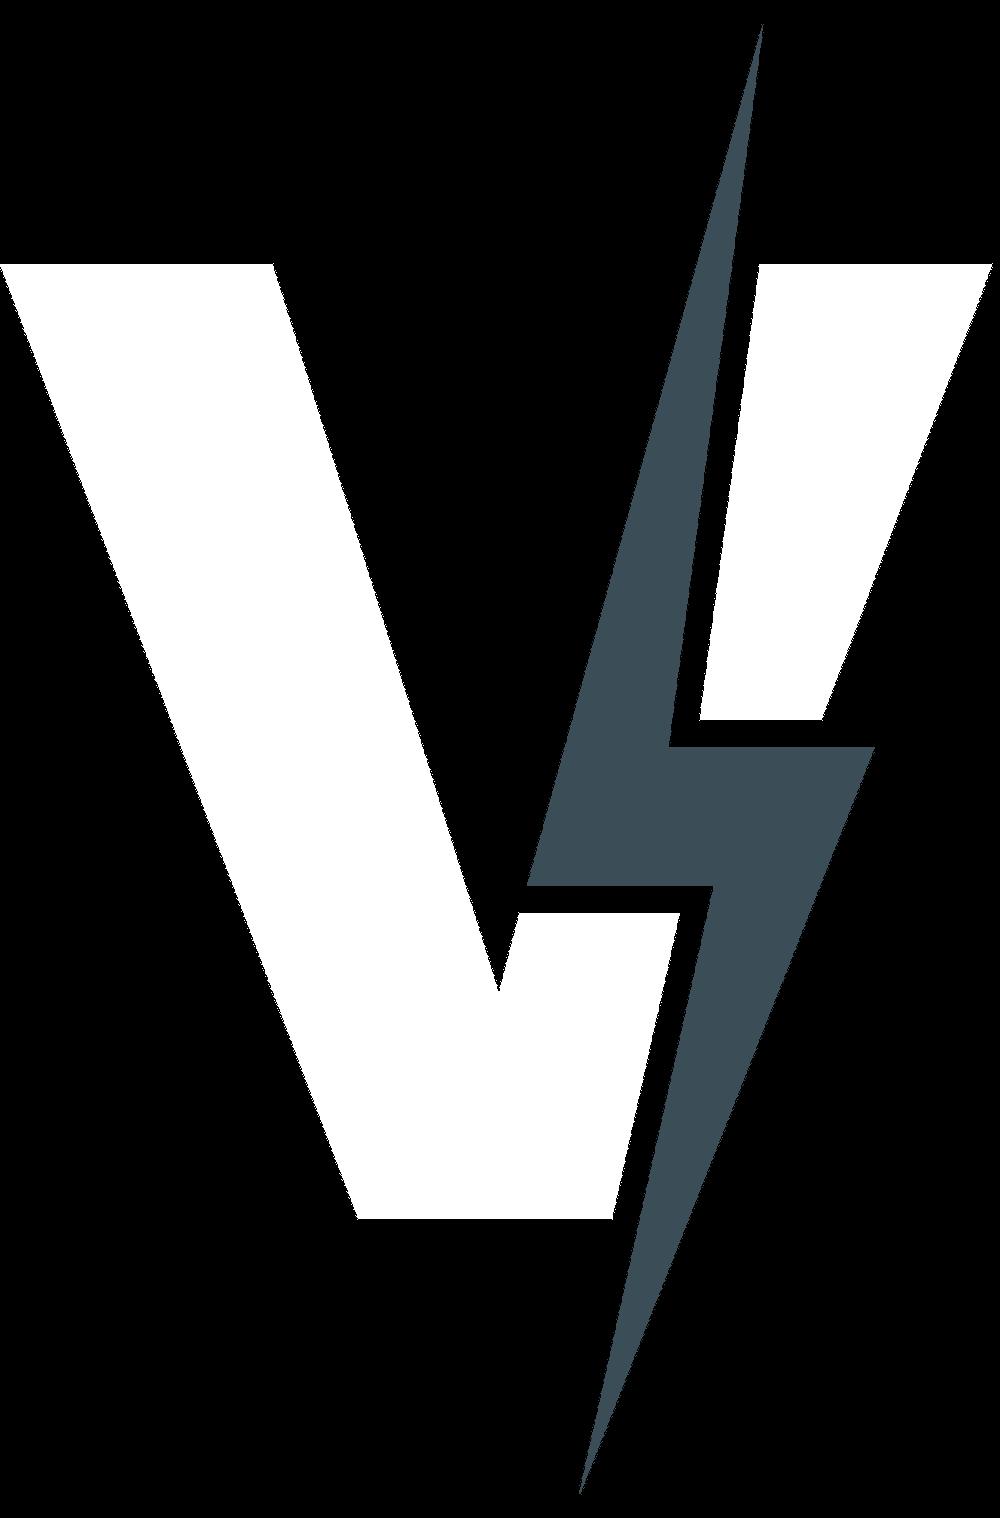 Volt_OfficialLogo_WhiteBlue-2-v.png